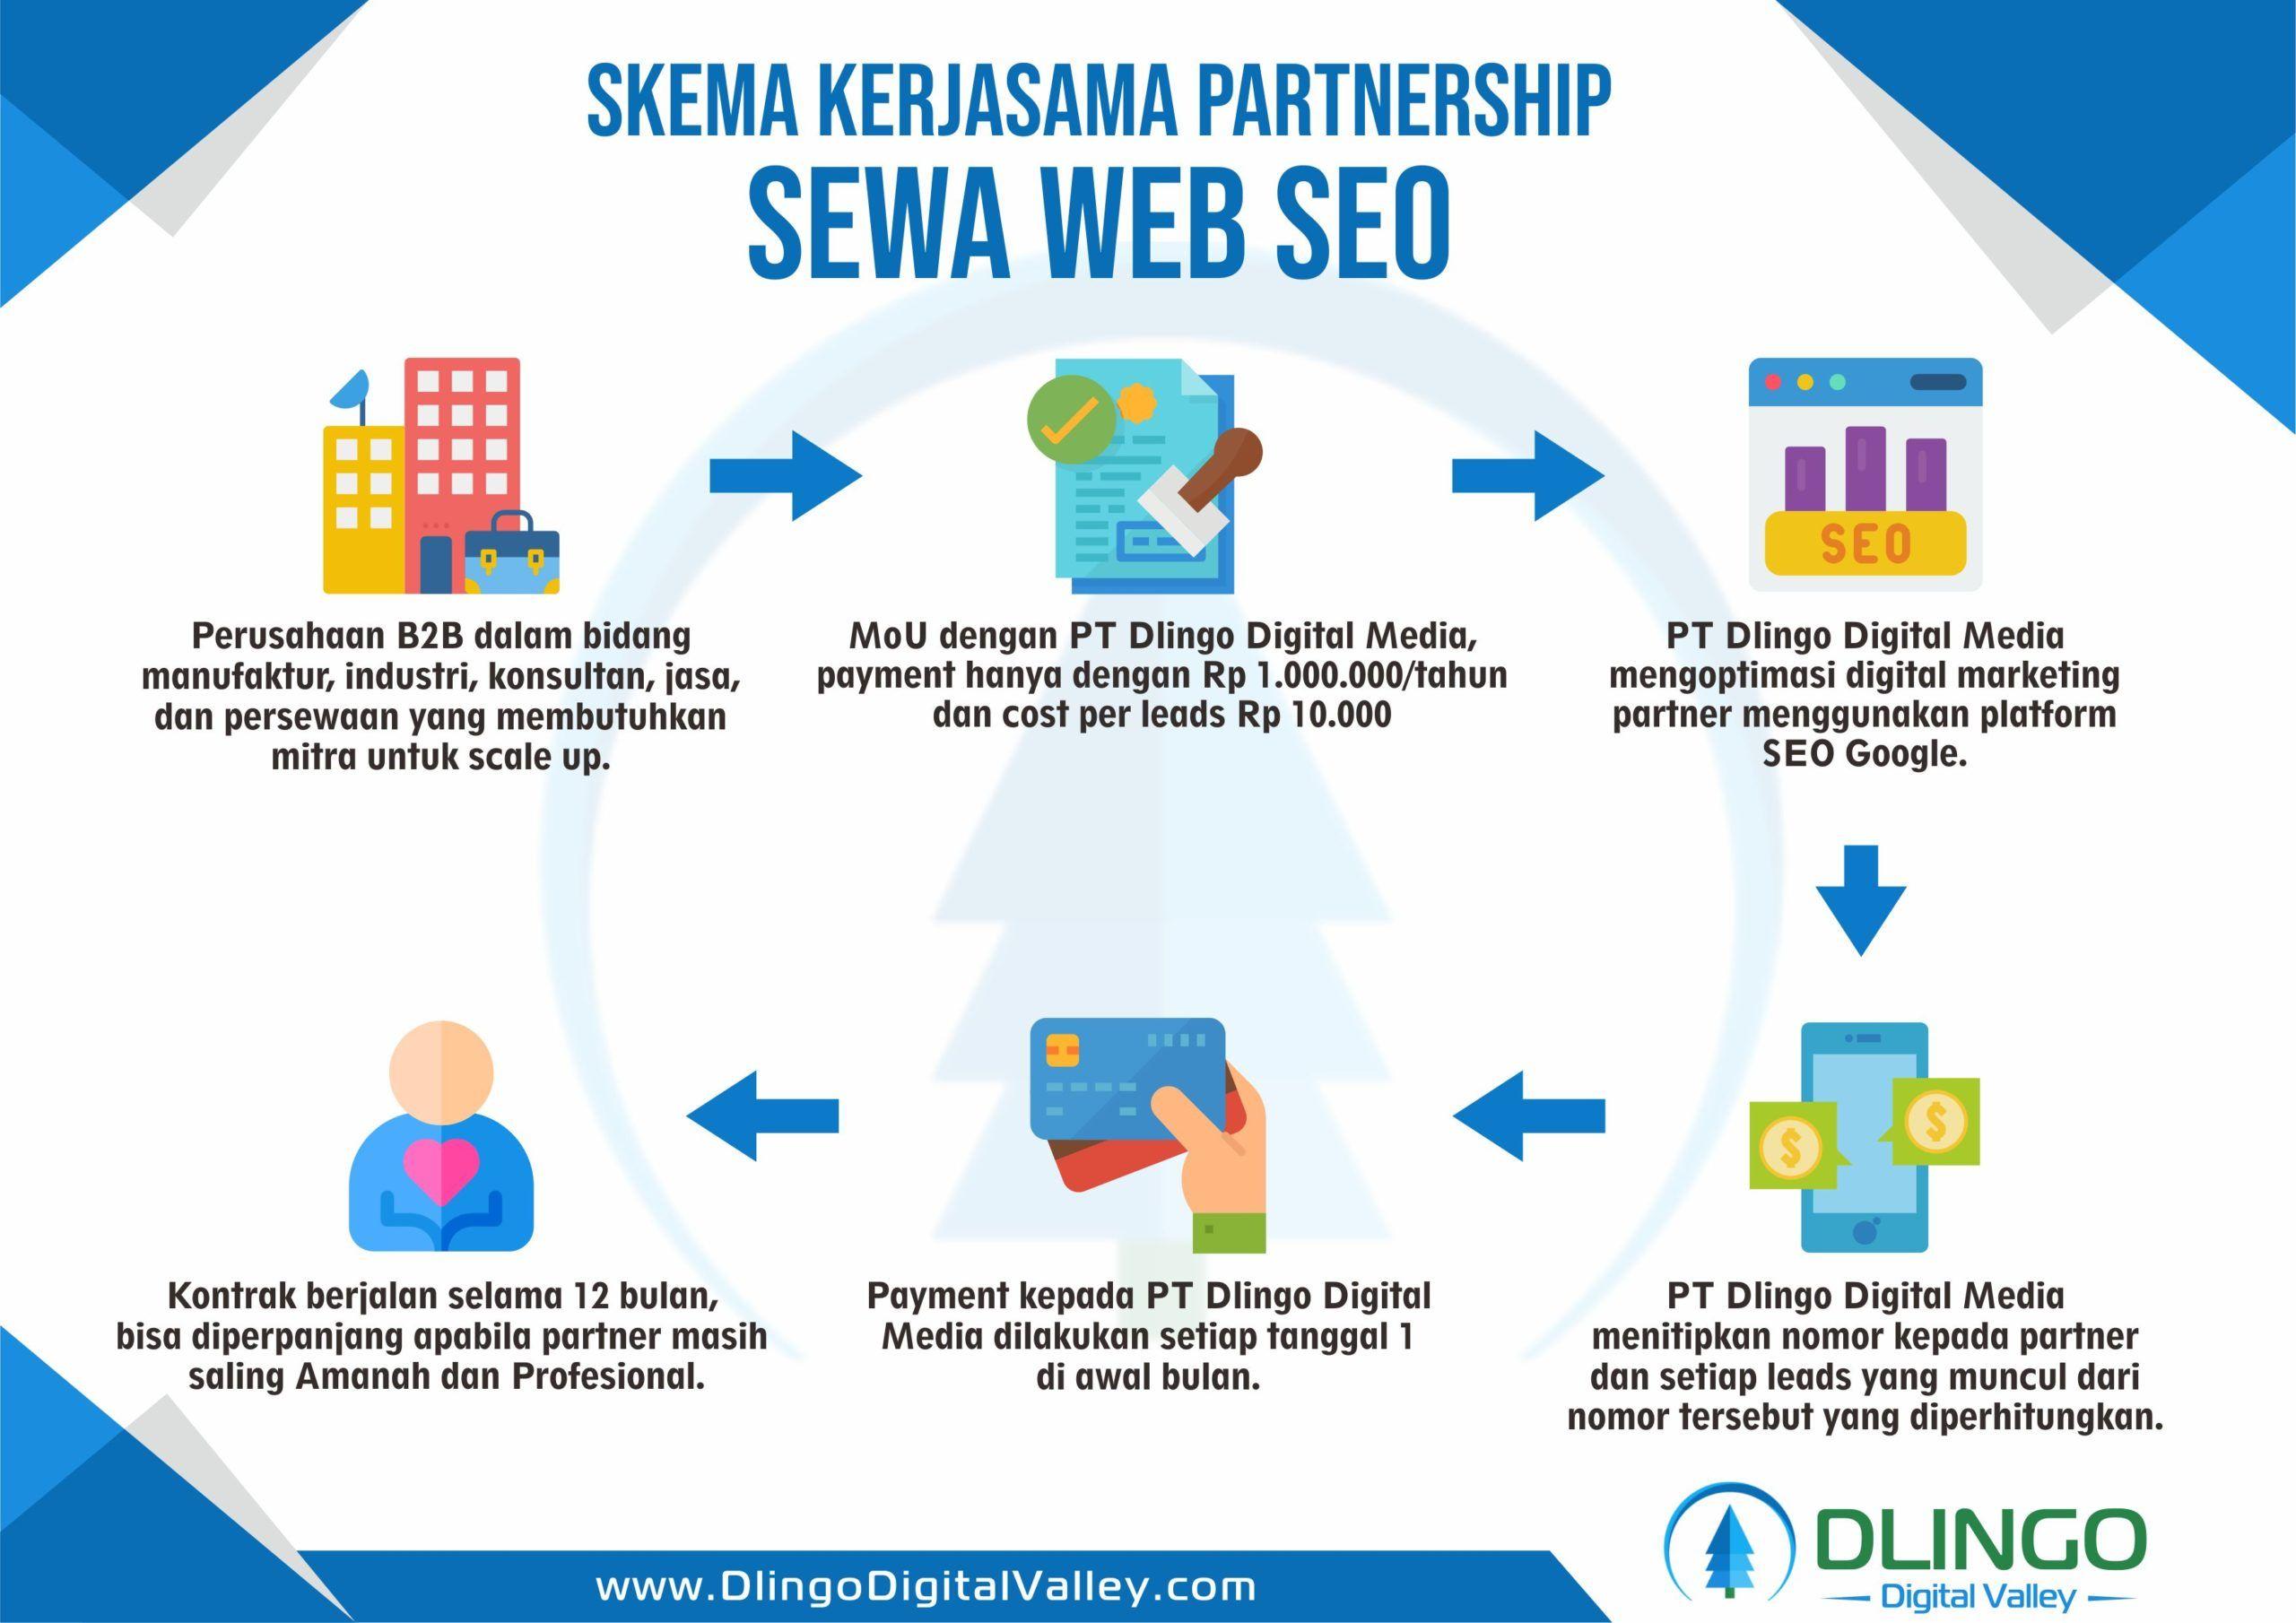 Dapatkan Jasa Pembuatan Website Terbaik Dengan Harga Murah Di Malang Aplikasi Web Kebiasaan Belajar Website